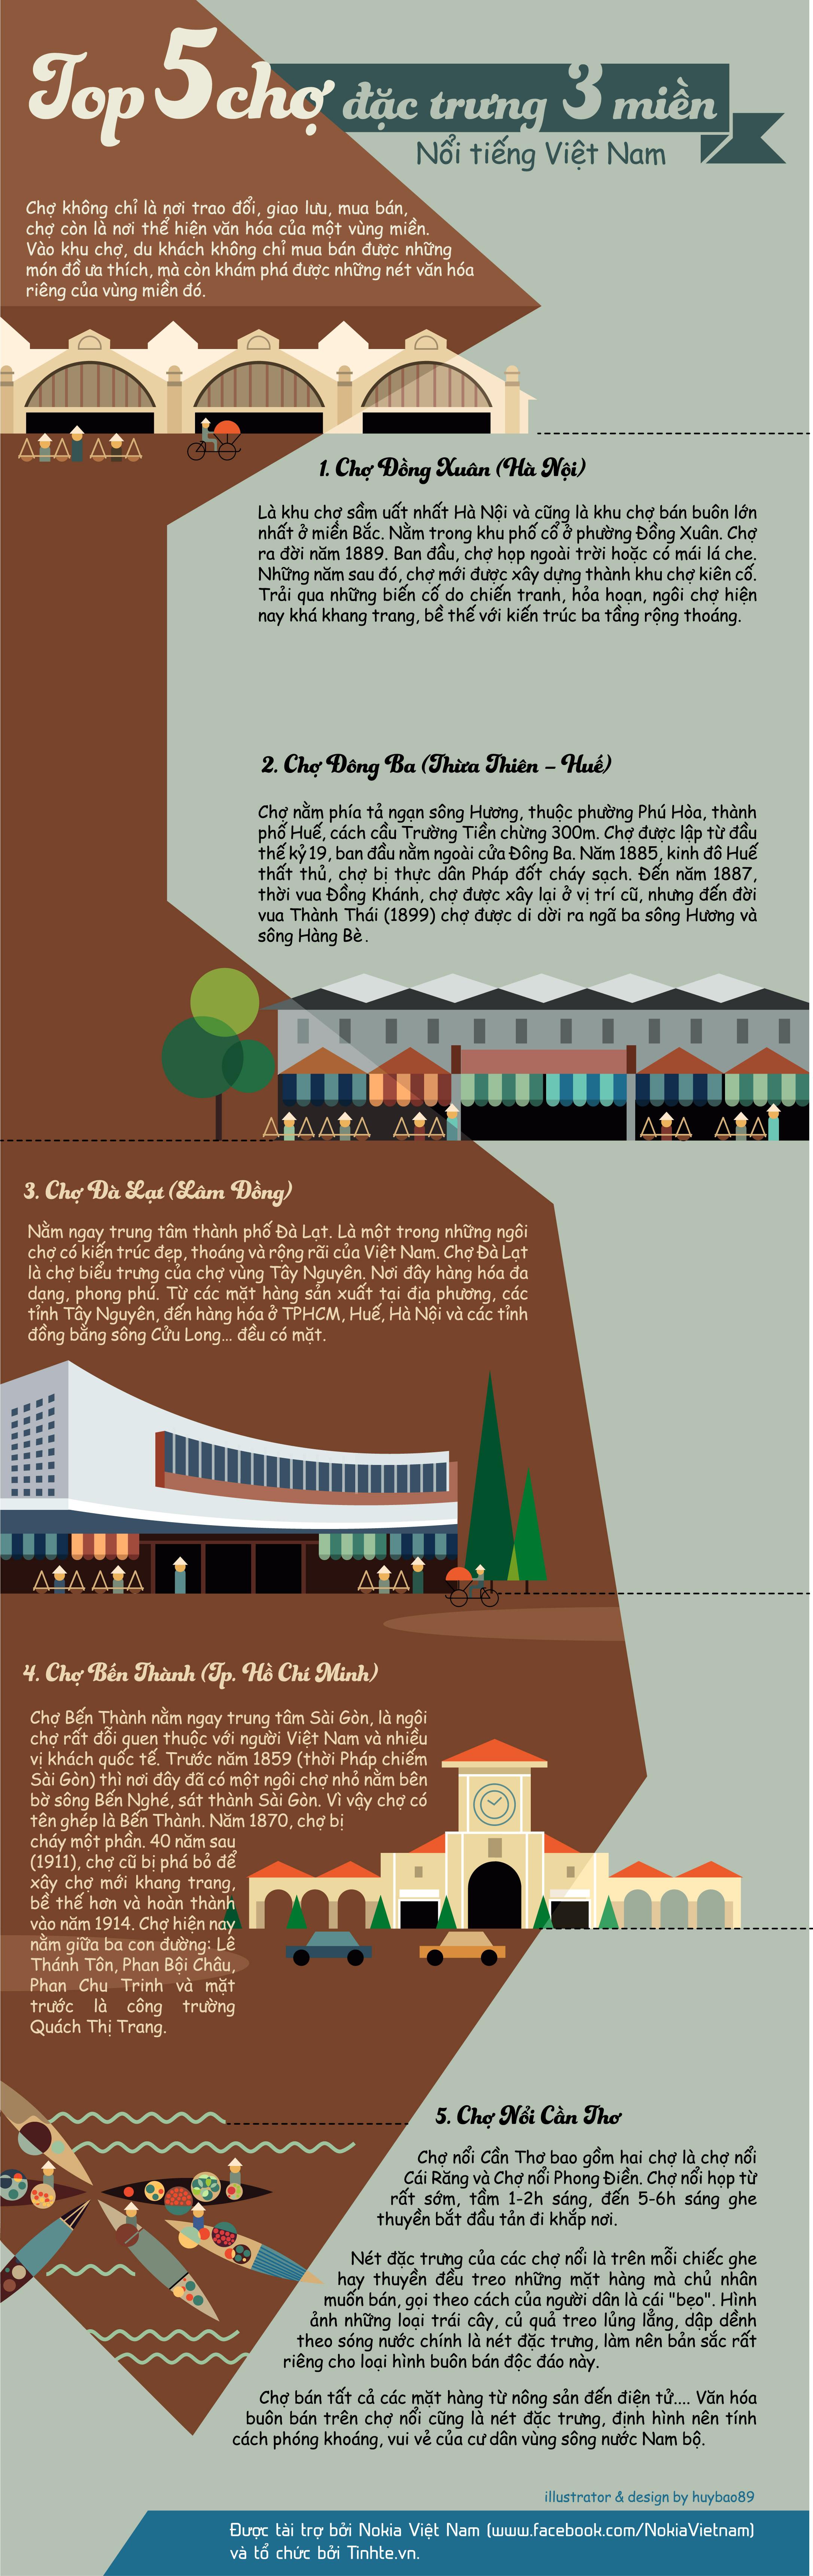 Infographic - TOP 5 chợ đặc trưng của 3 miền Việt Nam